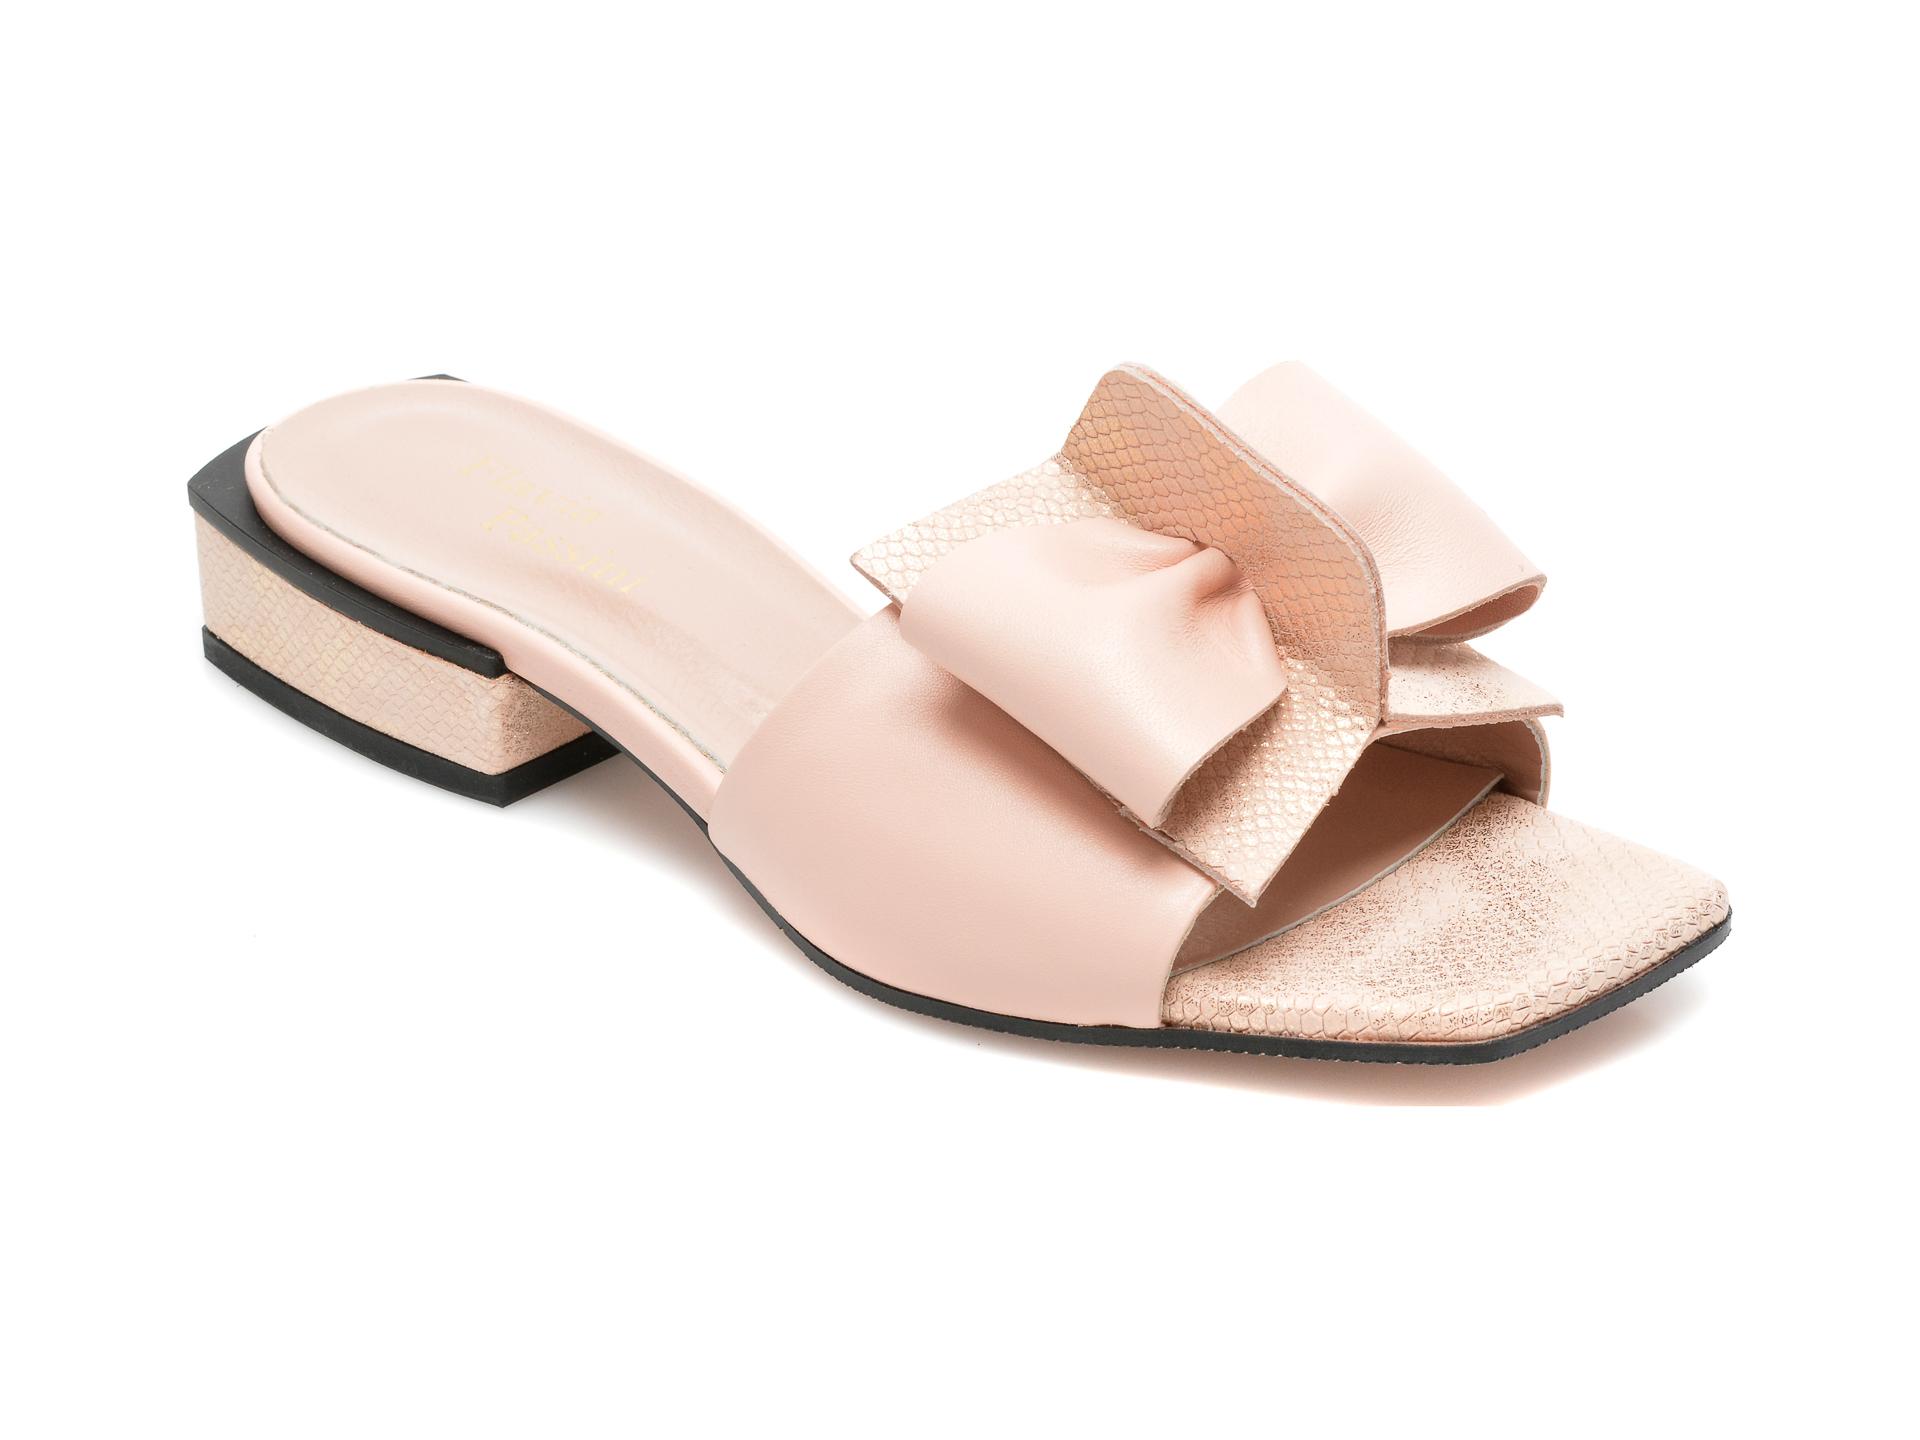 Papuci FLAVIA PASSINI nude, 207927, din piele naturala imagine 2021 Flavia Passini